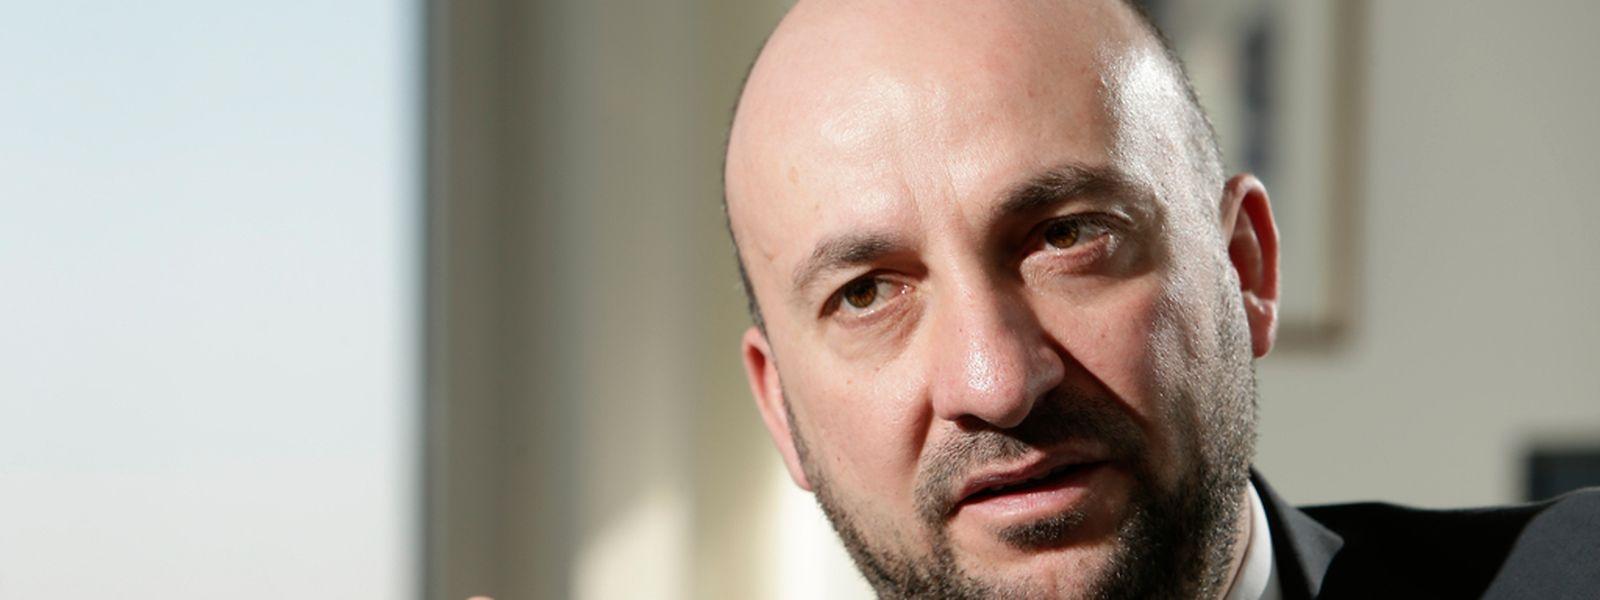 Laut Etienne Schneider kommt auf Luxemburg durch den Ukraine-Konflikt und andere Krisen mehr internationale Verantwortung zu.